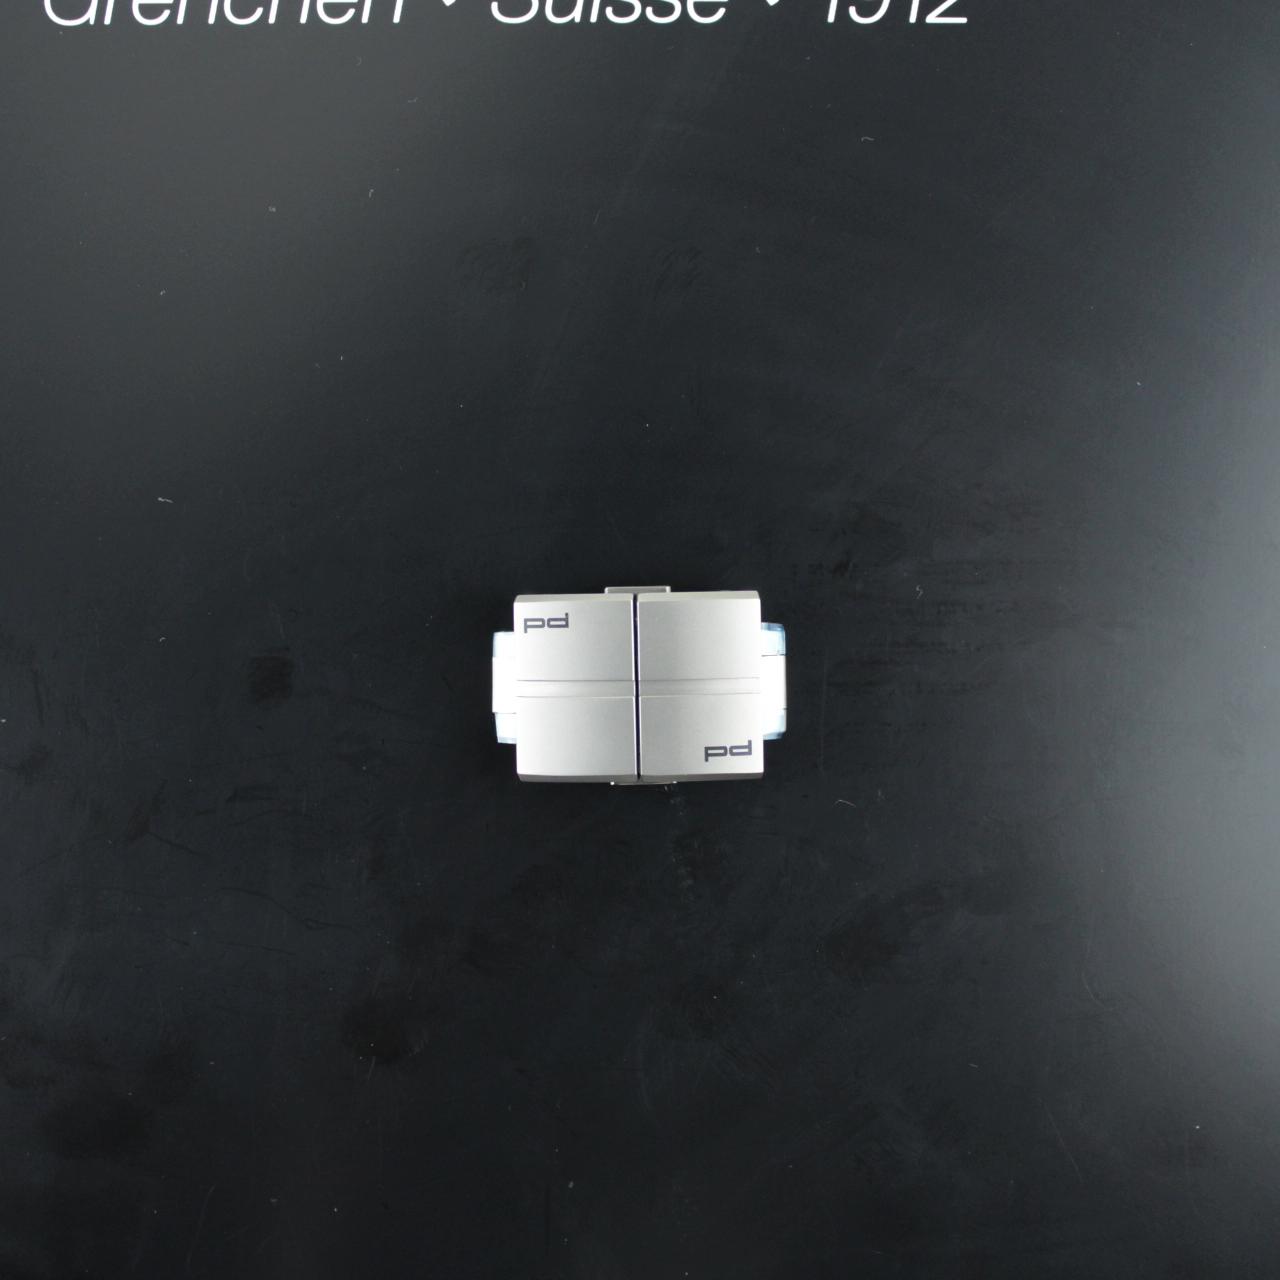 Porsche Design Faltschließe Titan P6920 und P6930